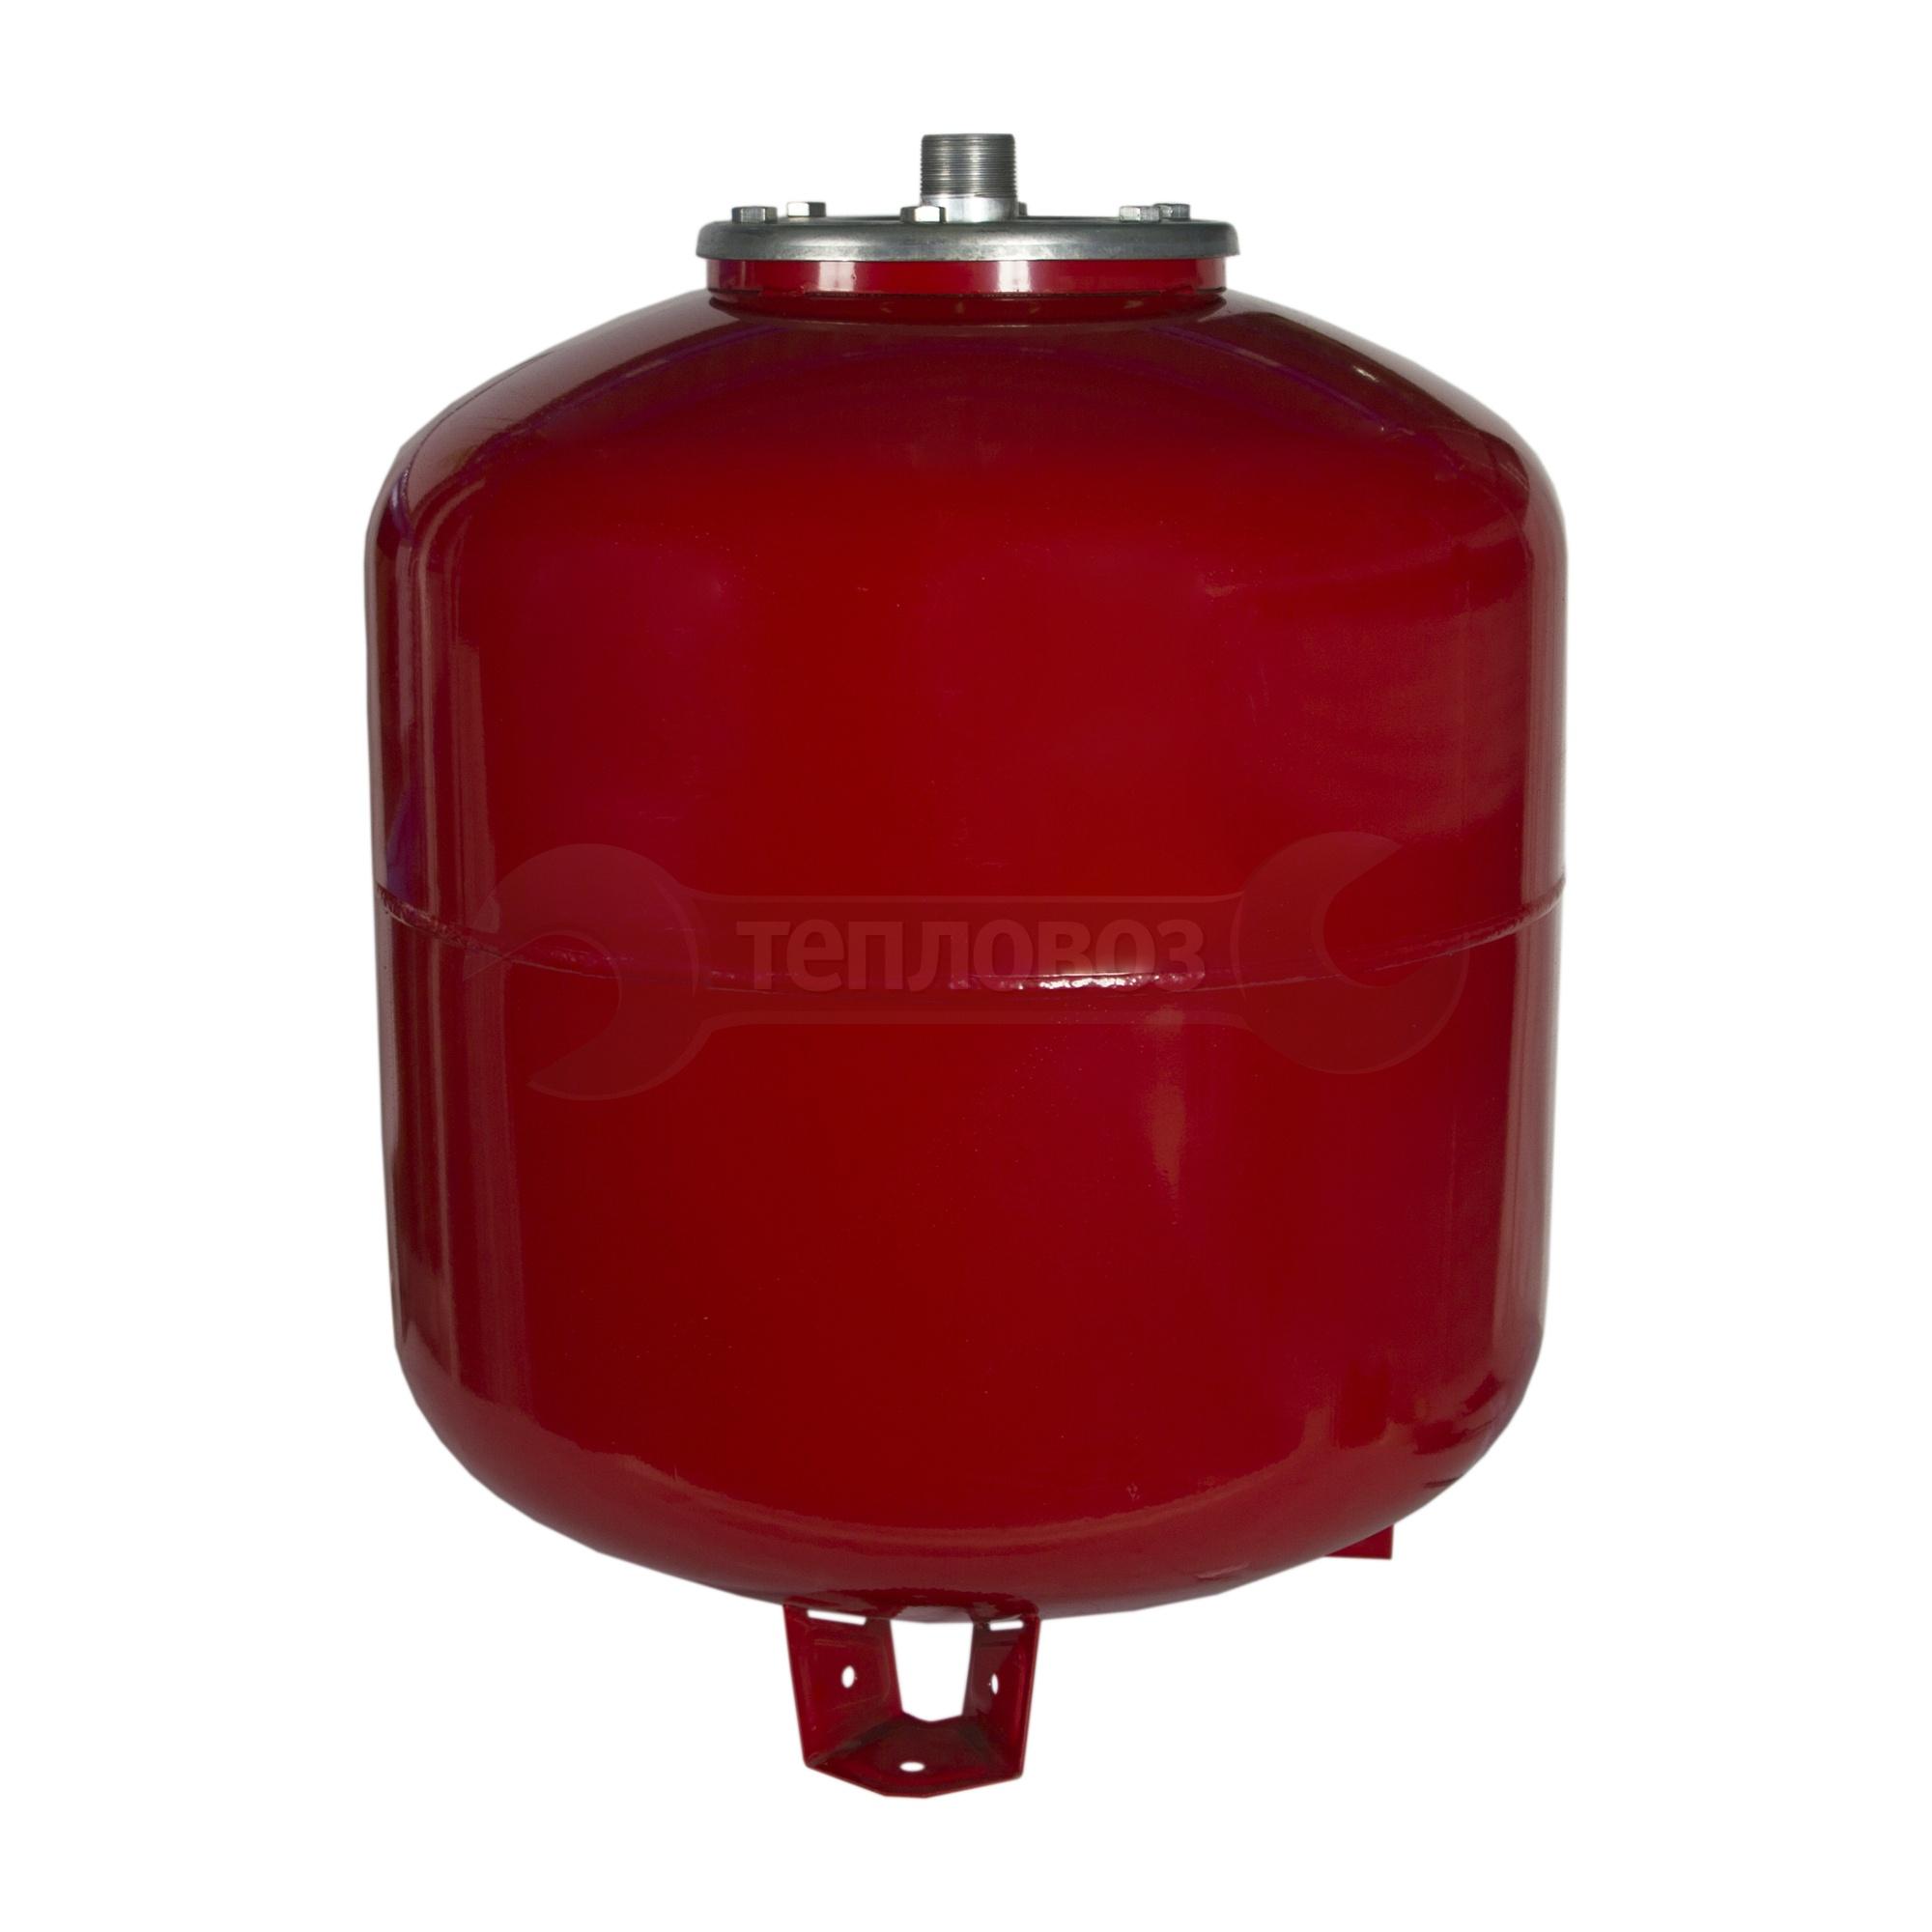 Купить Униджиби М150РВ 150 л вертикальный в интернет-магазине Дождь